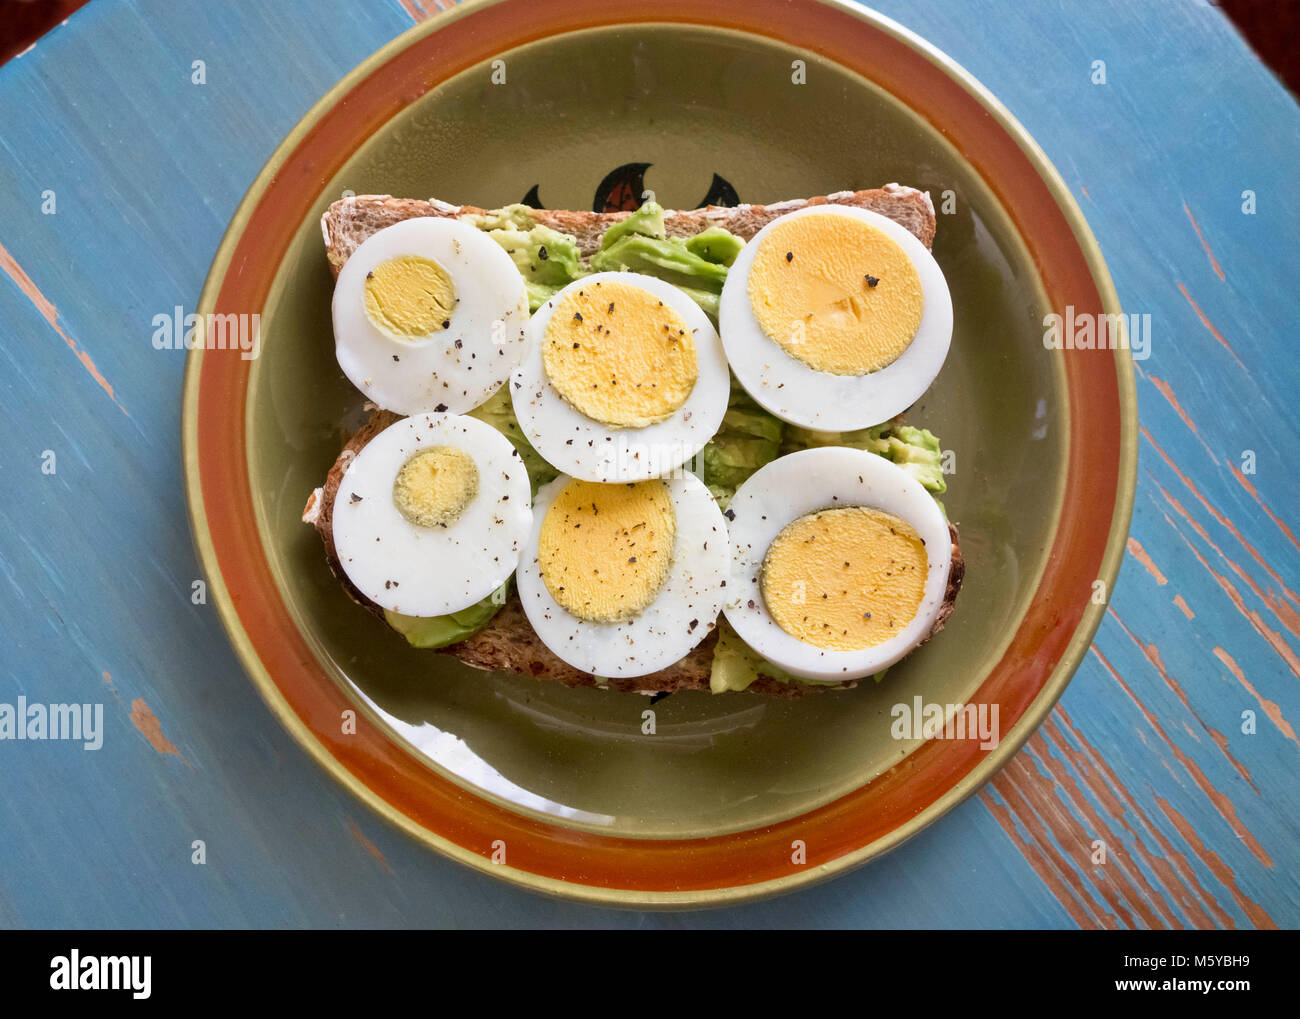 gekochte eier kühlen